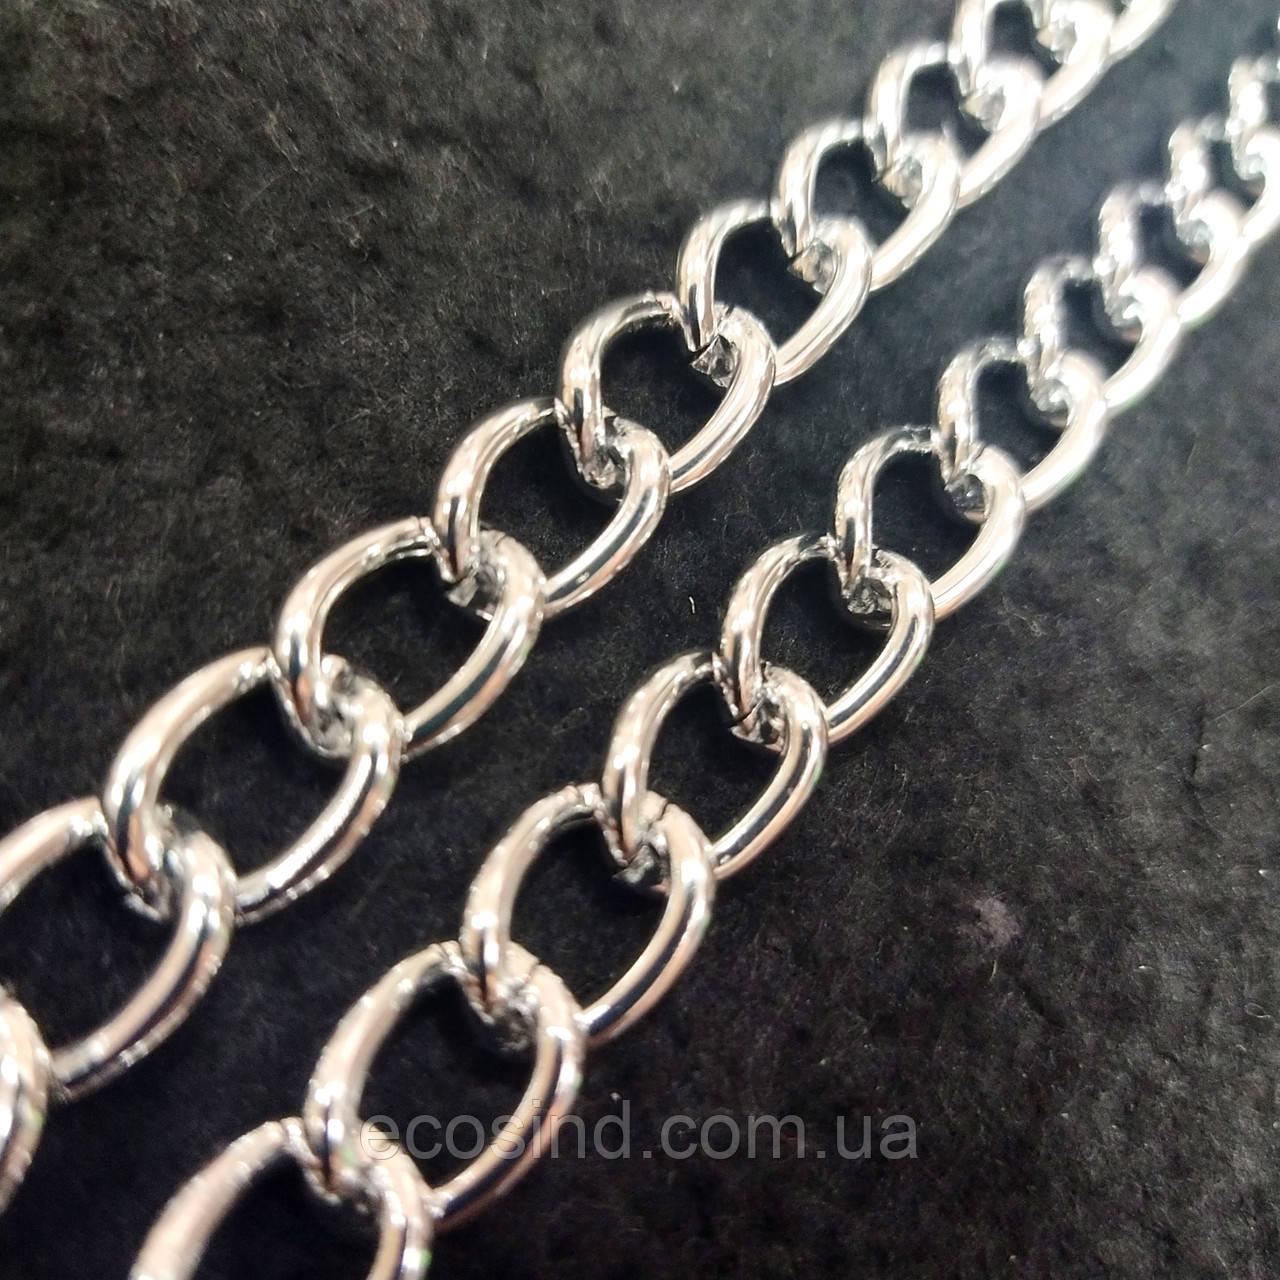 Декоративные цепи для сумок и одежды на метраж (НДК-3-ник)